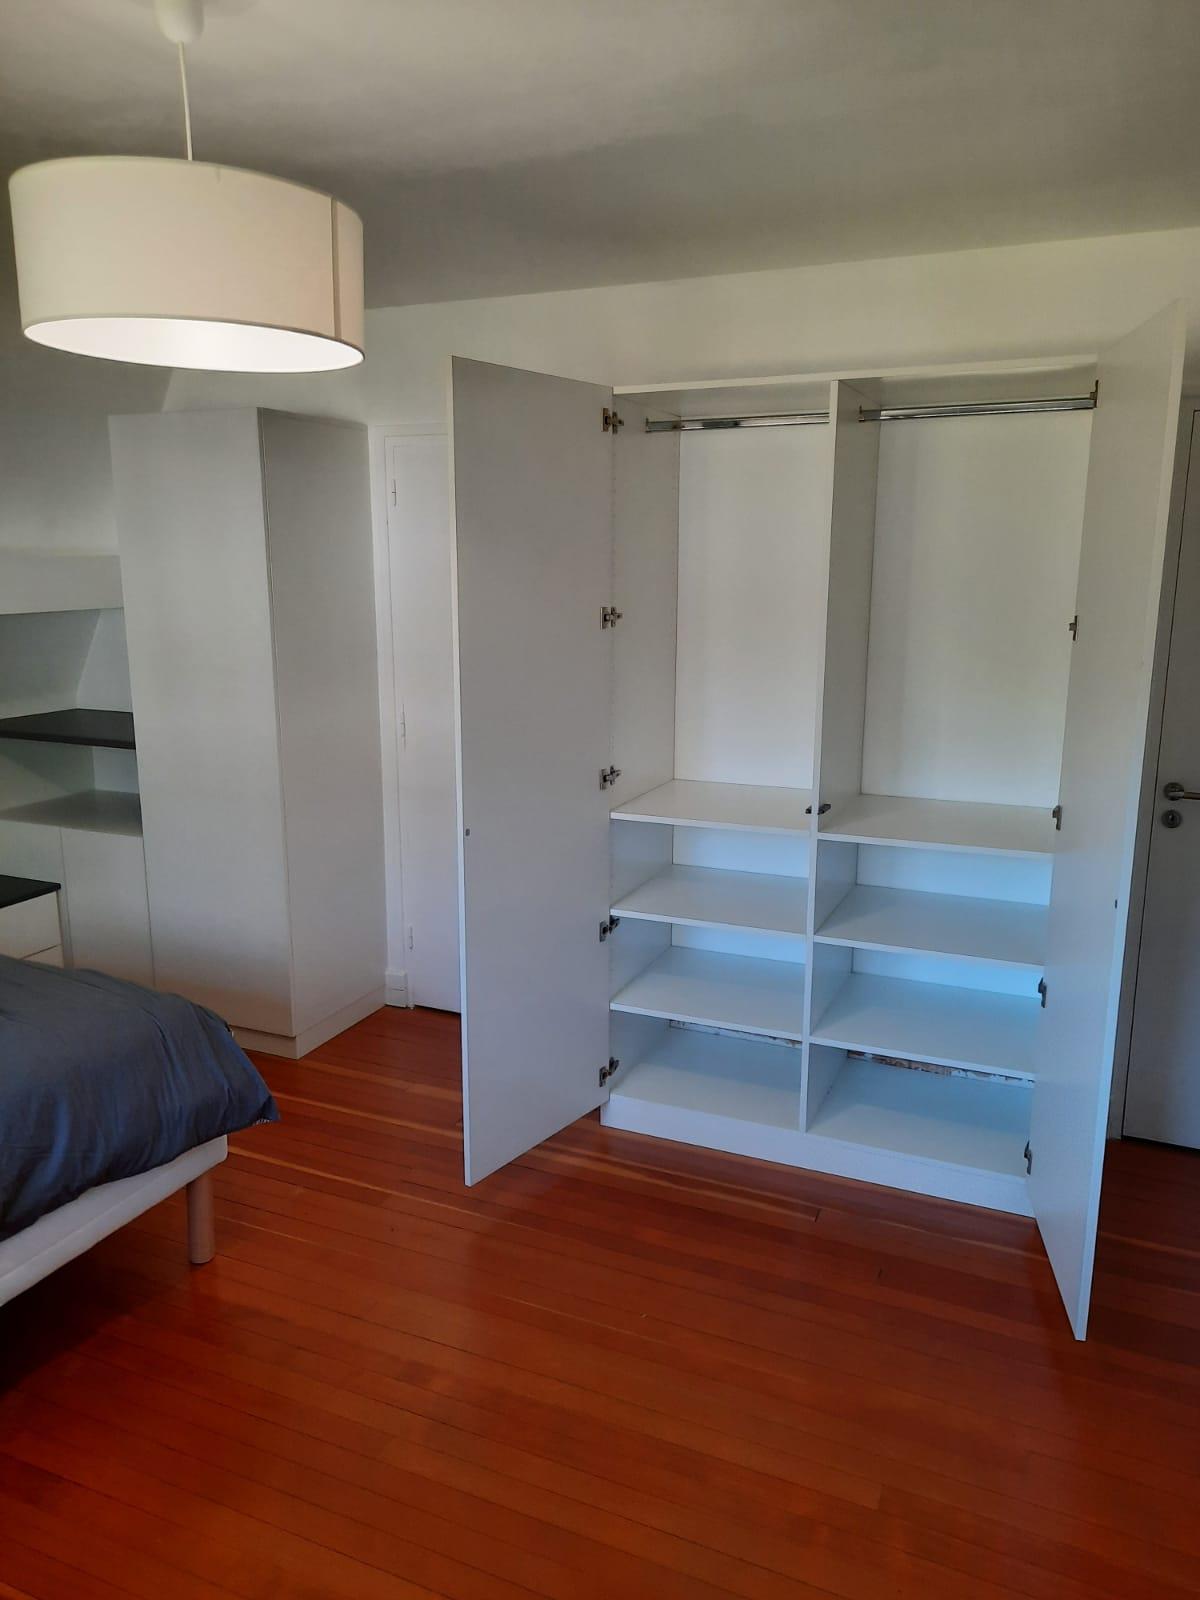 Sur cette photo, on voit l'armoire ouverte.